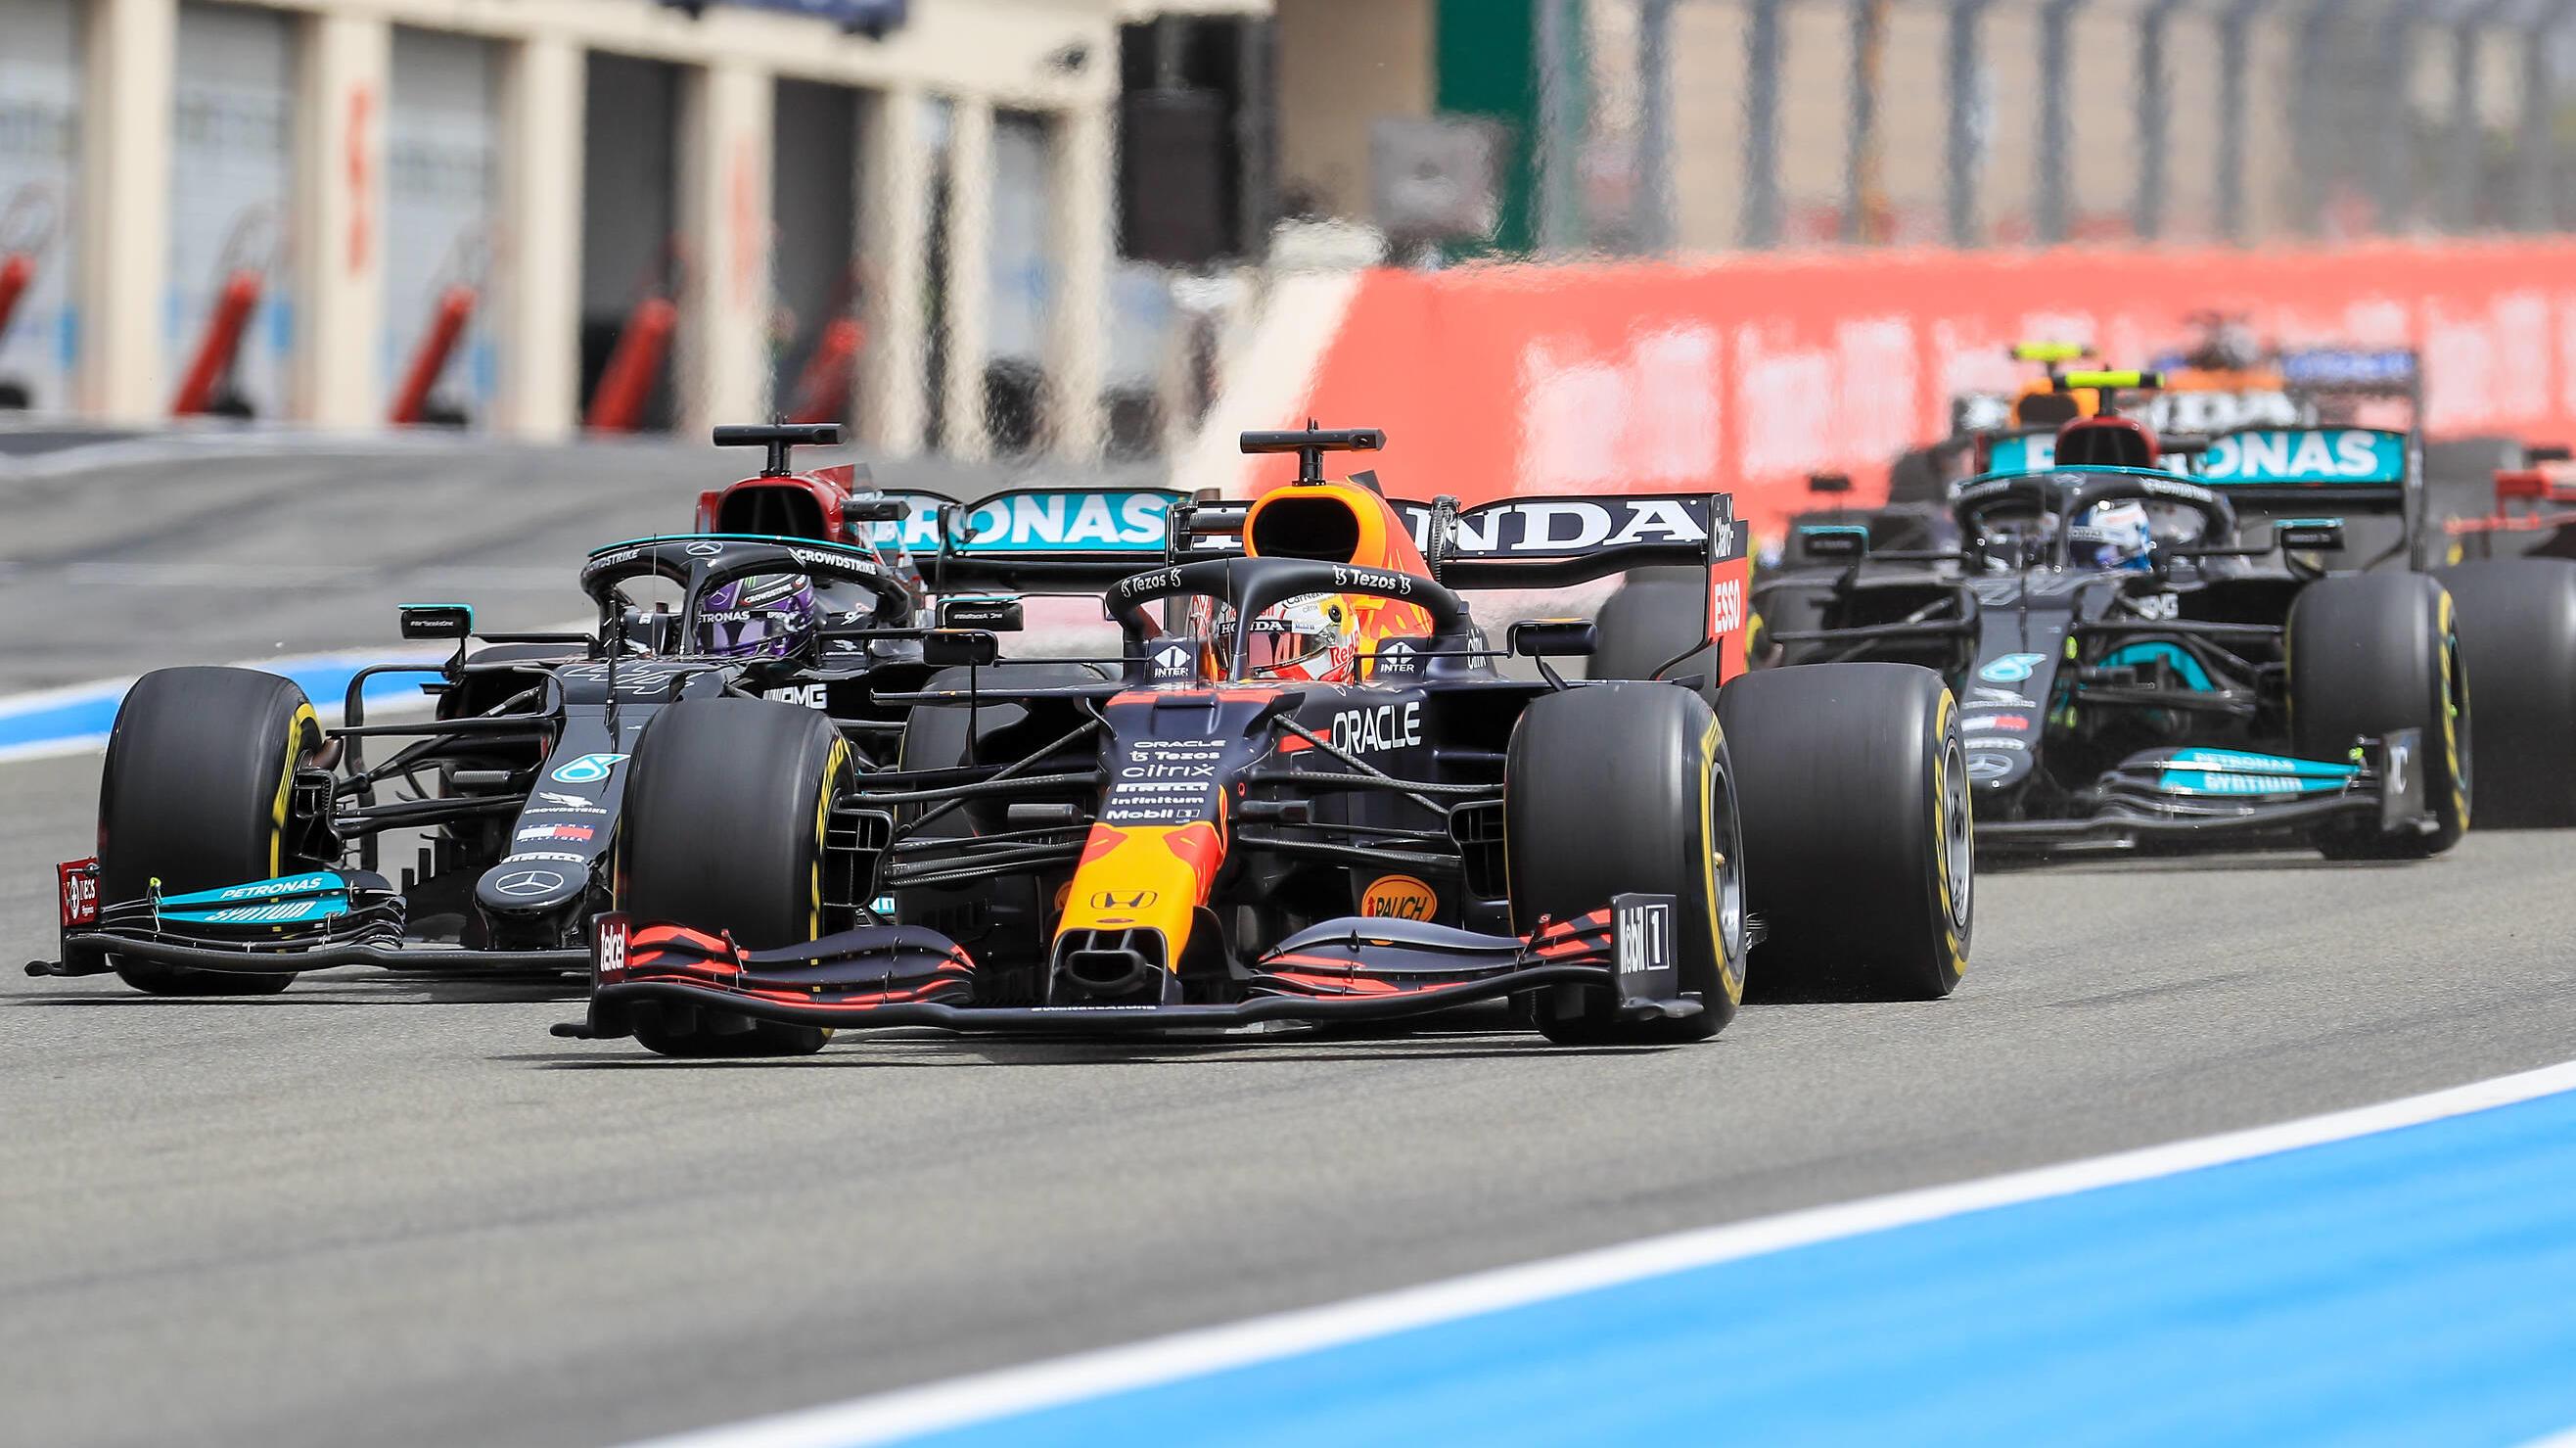 Formel 1 - Strategie-Thriller: Max Verstappen siegt in Frankreich knapp vor Lewis Hamilton